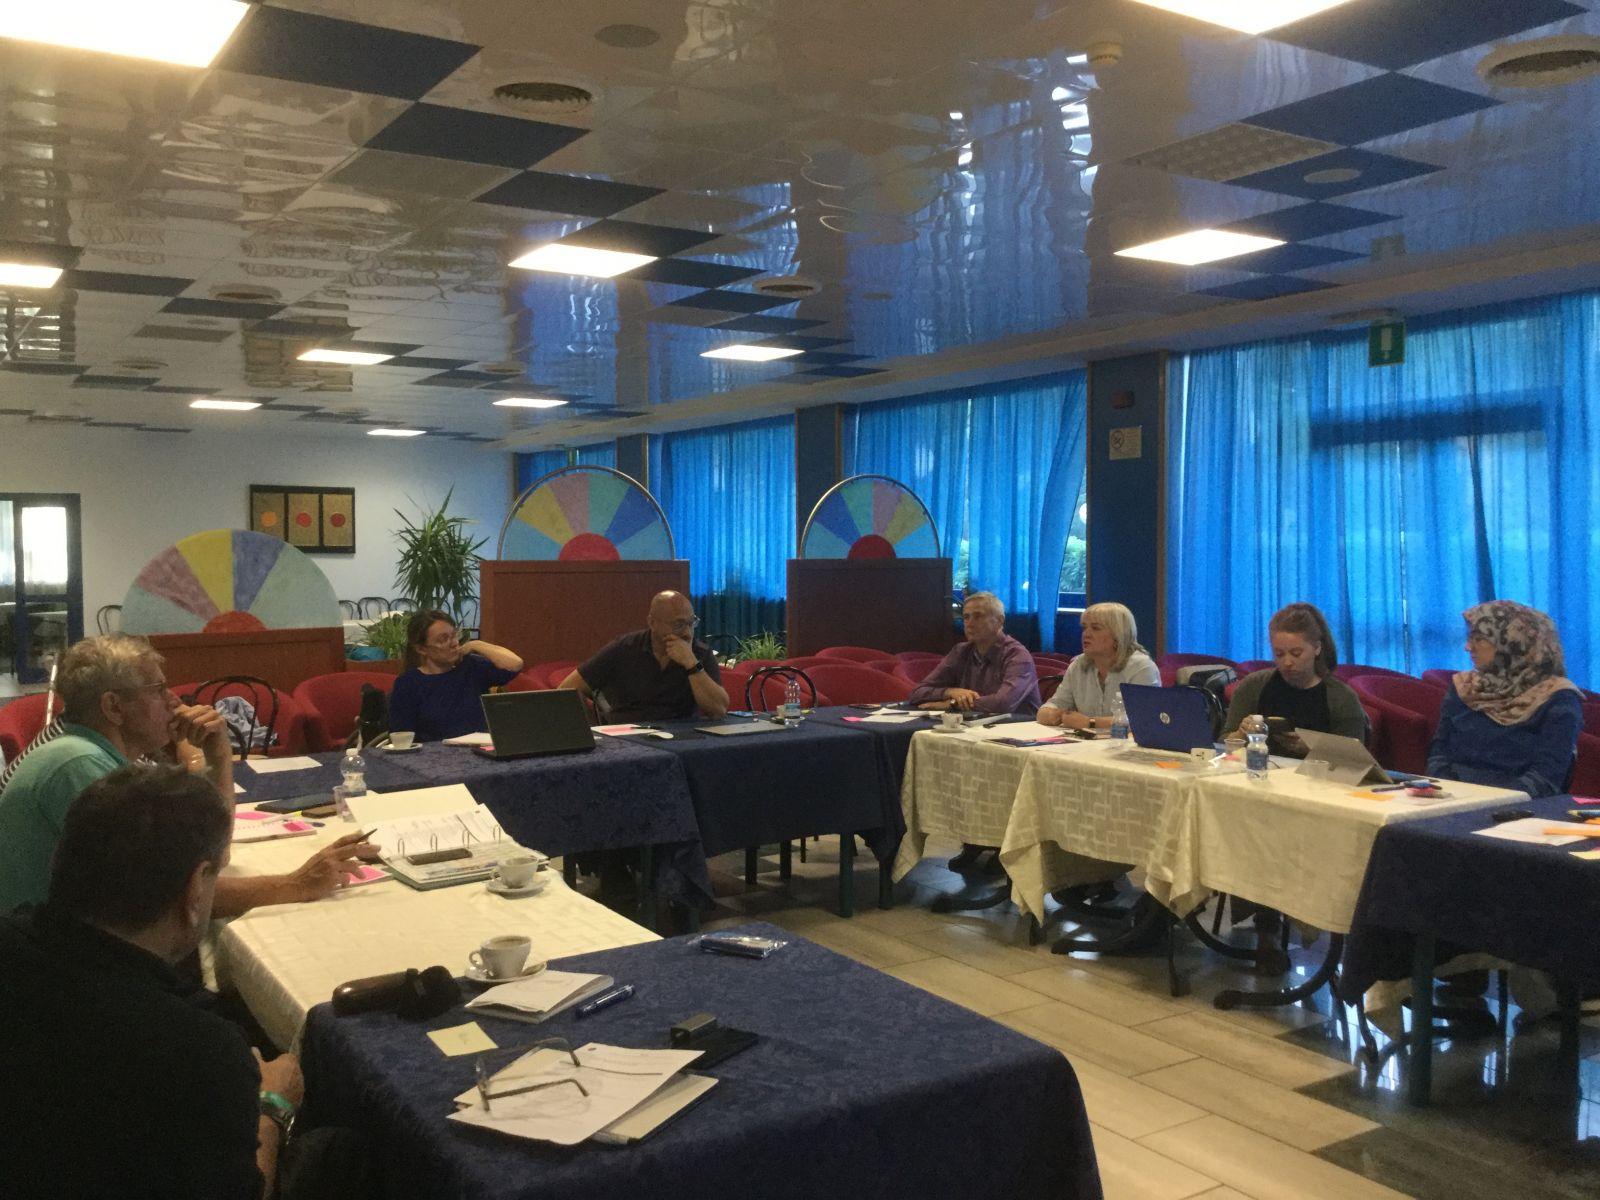 П.А. Рожков в г. Линьяно-Саббьядоро (Италия) принял участие в совещании членов Исполкома IWAS по вопросам стратегического планирования деятельности организации 2019-2023